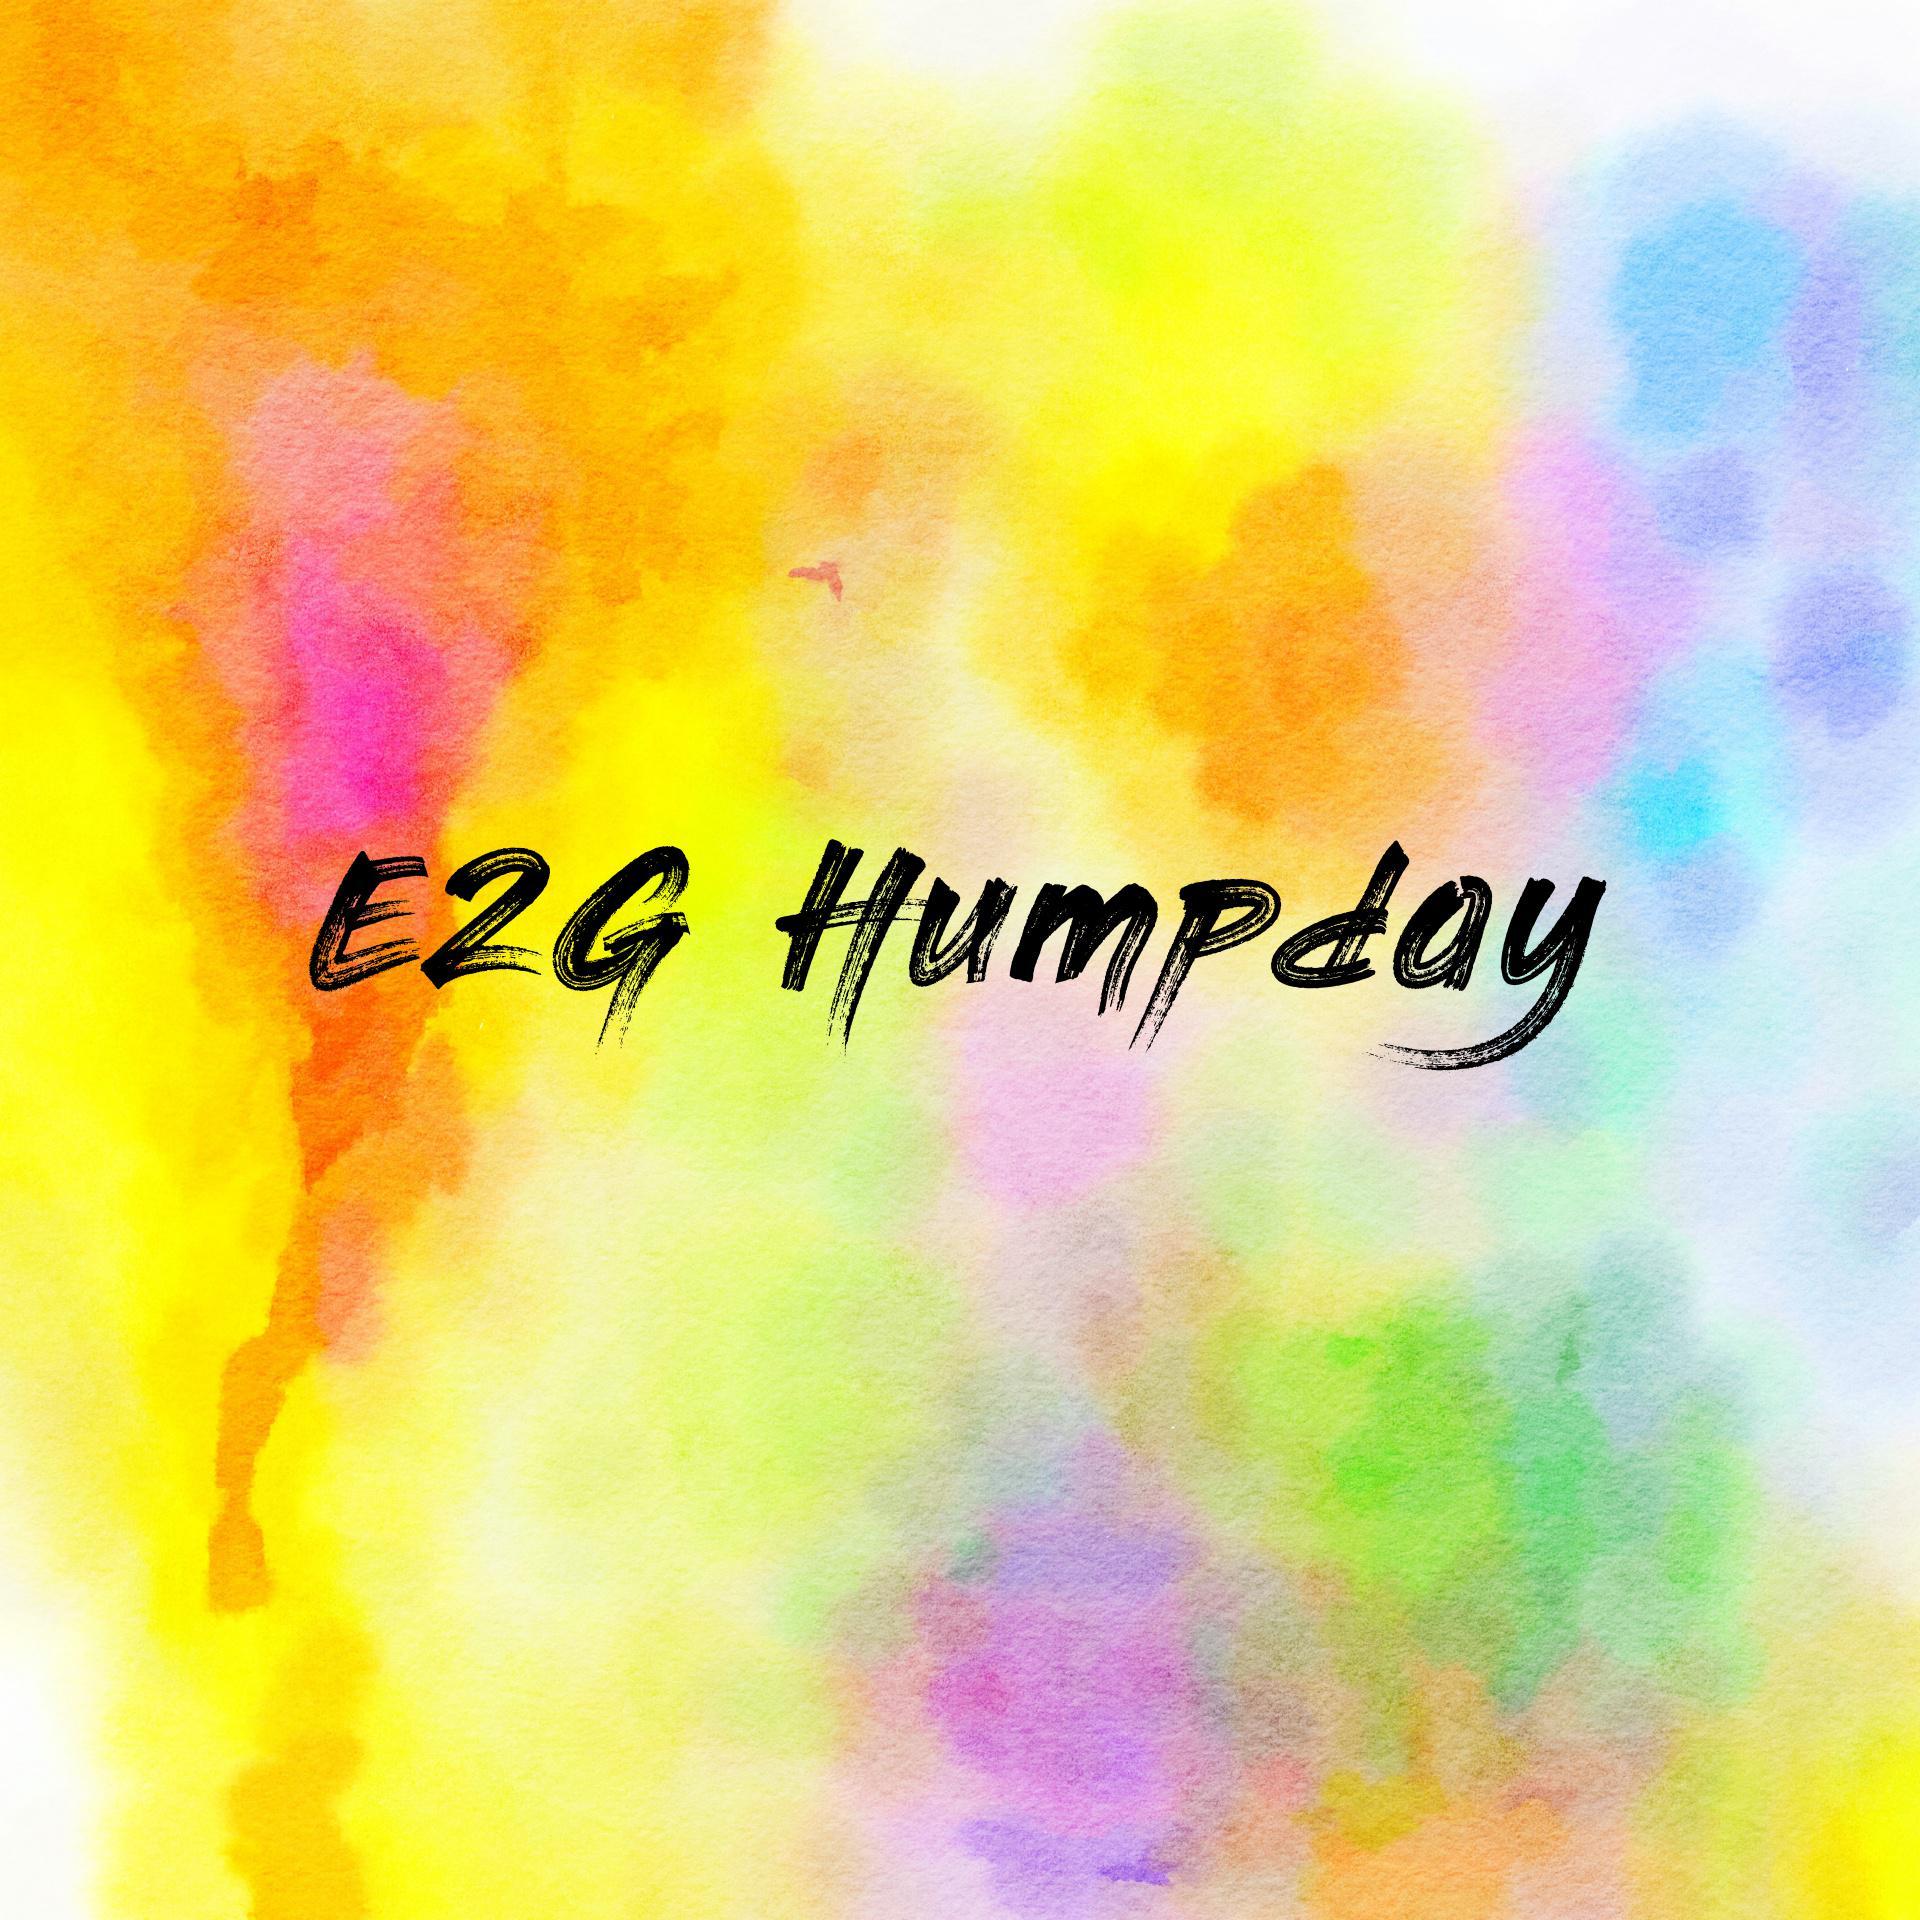 E2G Humpday